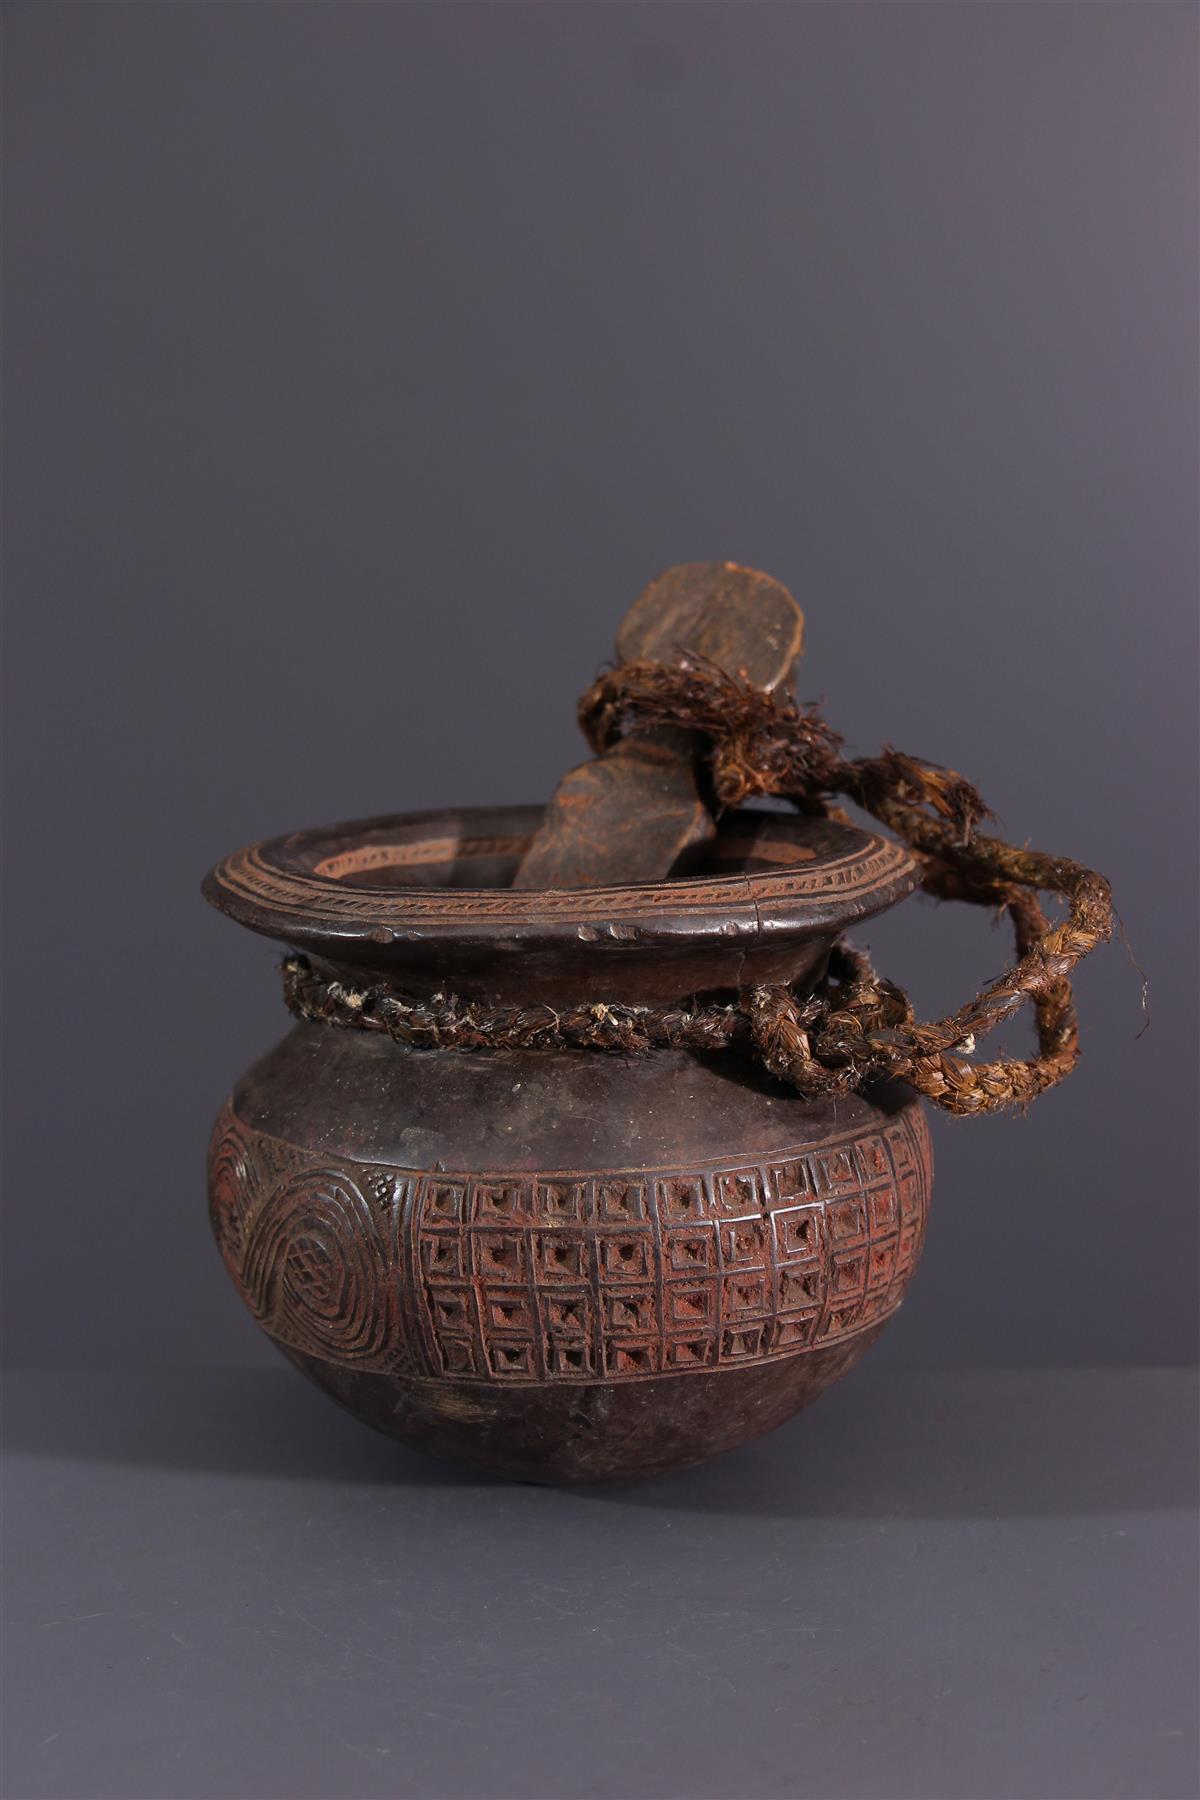 Tschokwe pot - African art